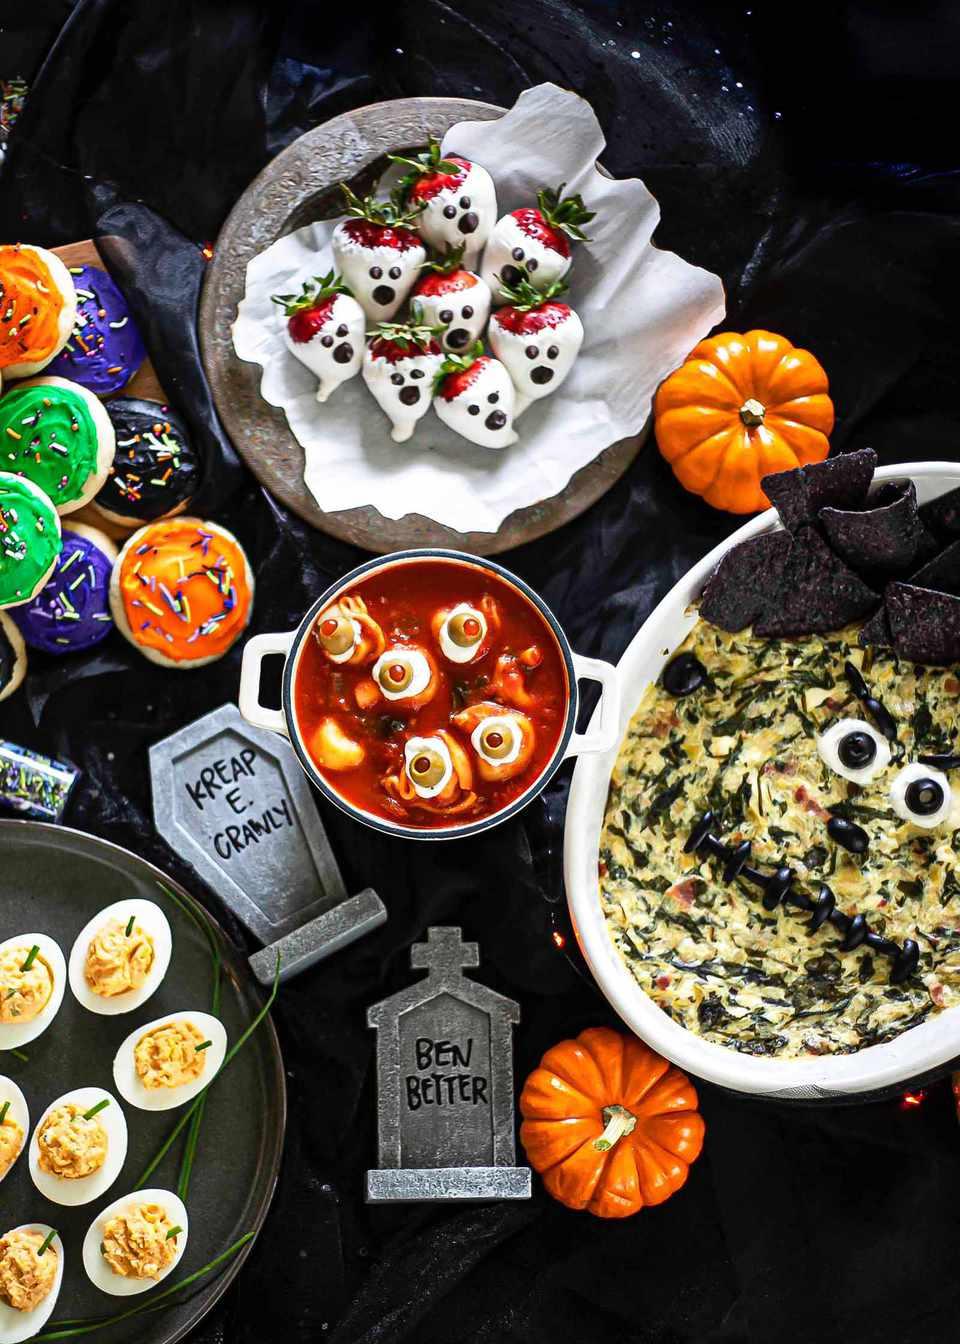 Halloween themed snacks and treats